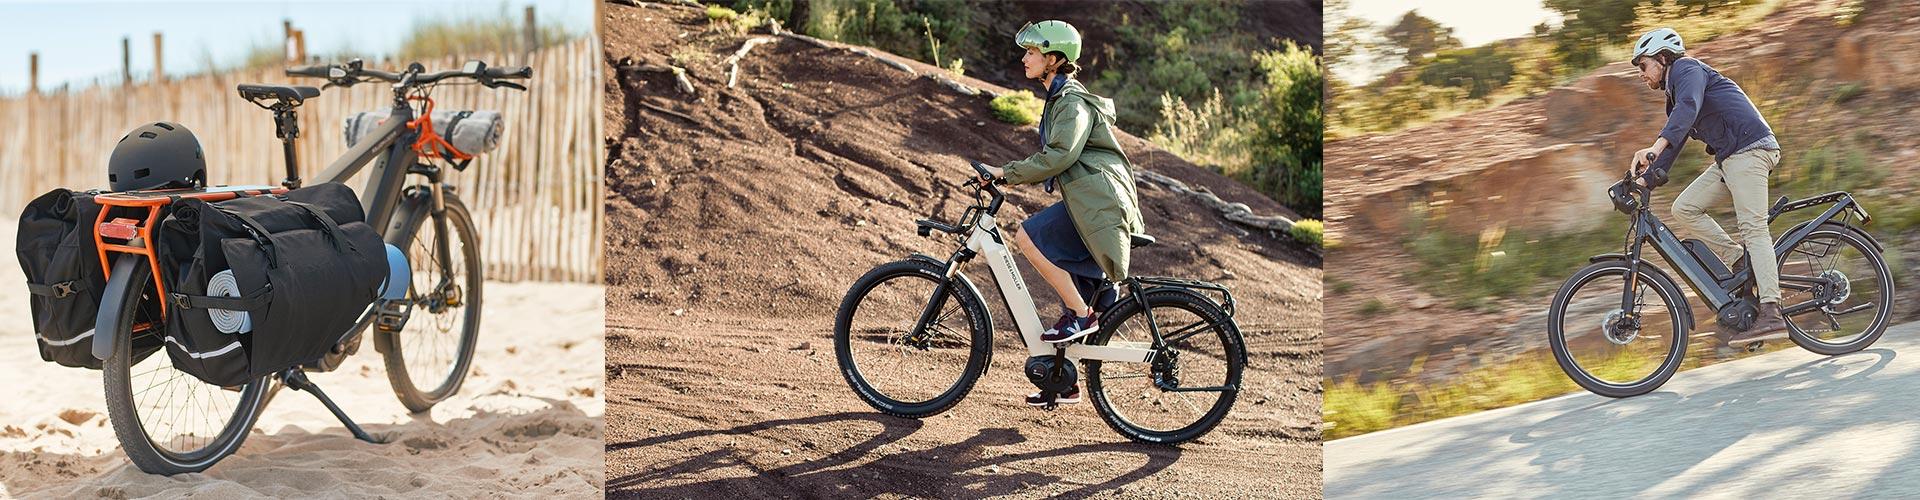 Vorstellung: Riese & Müller E-Bikes 2019 – Heiko Müller präsentiert die aktuelle Modellpalette